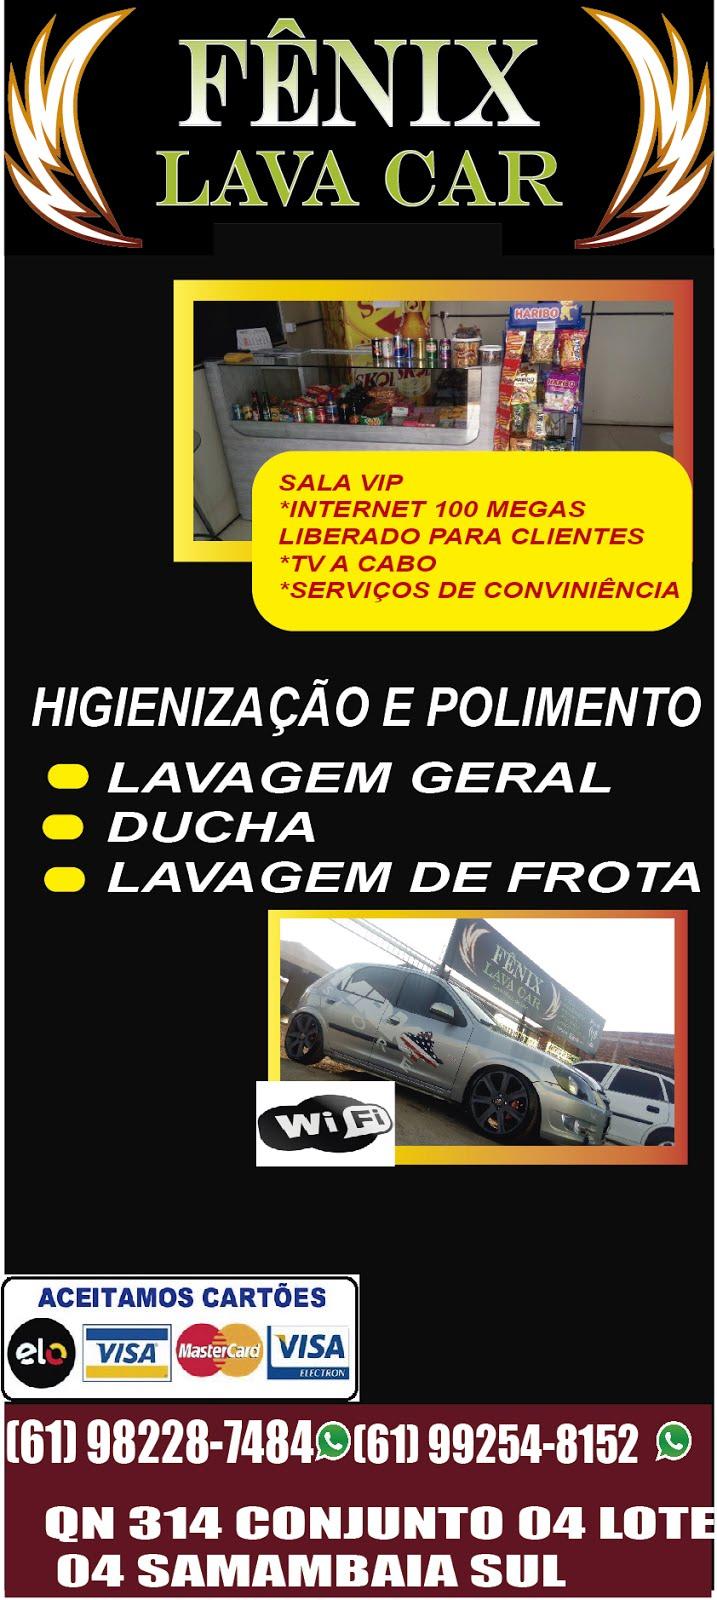 FÊNIX LAVA CAR